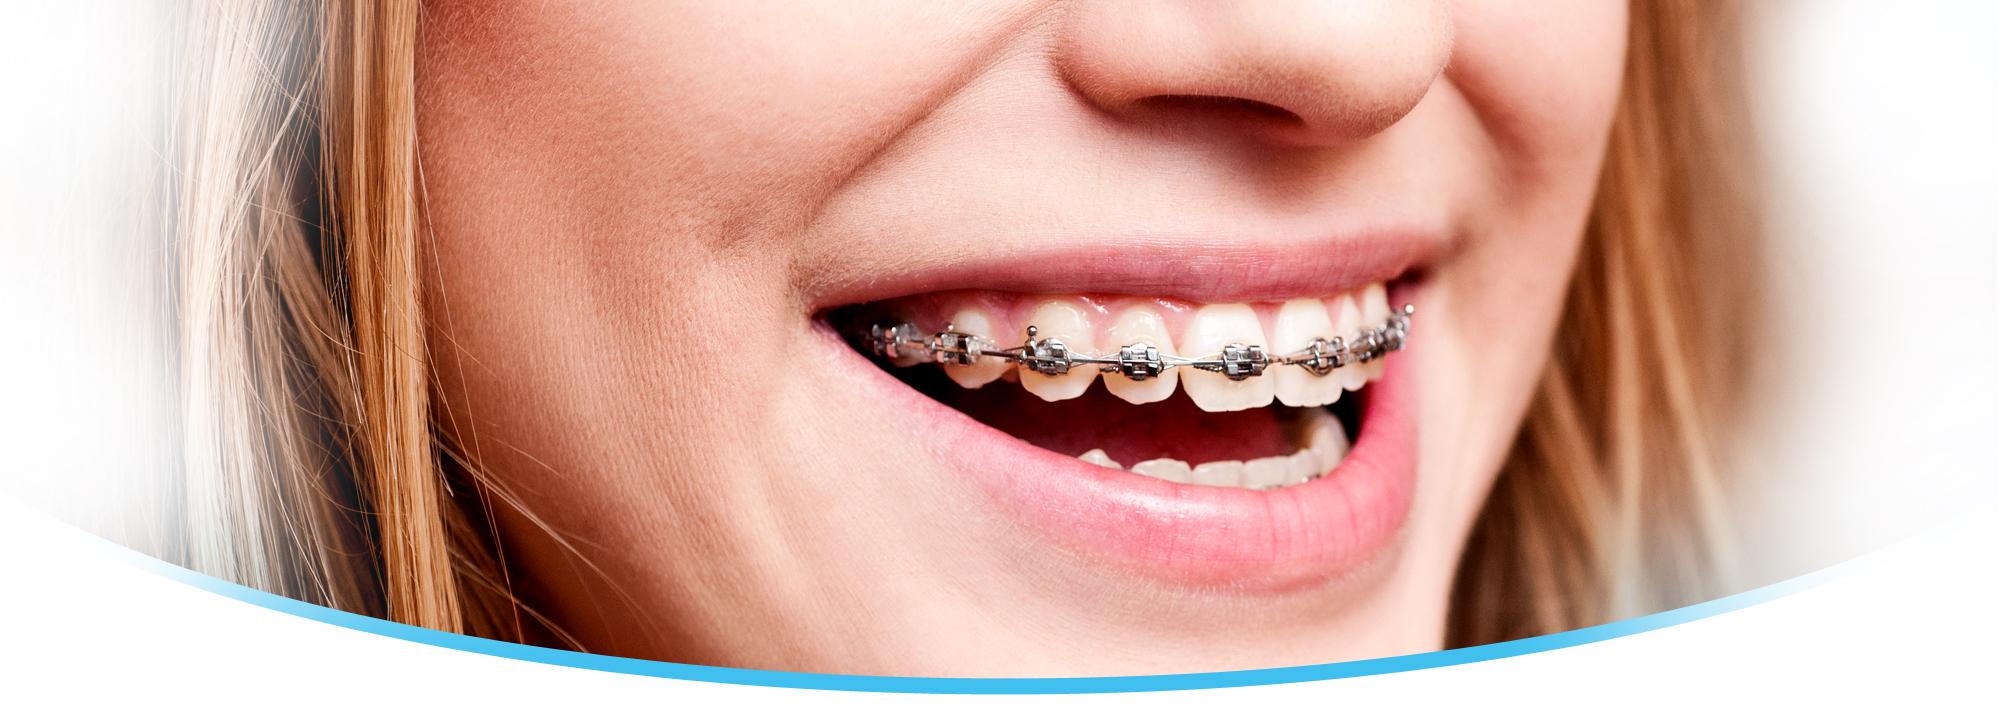 Especialização em Ortodontia: Monografias do curso